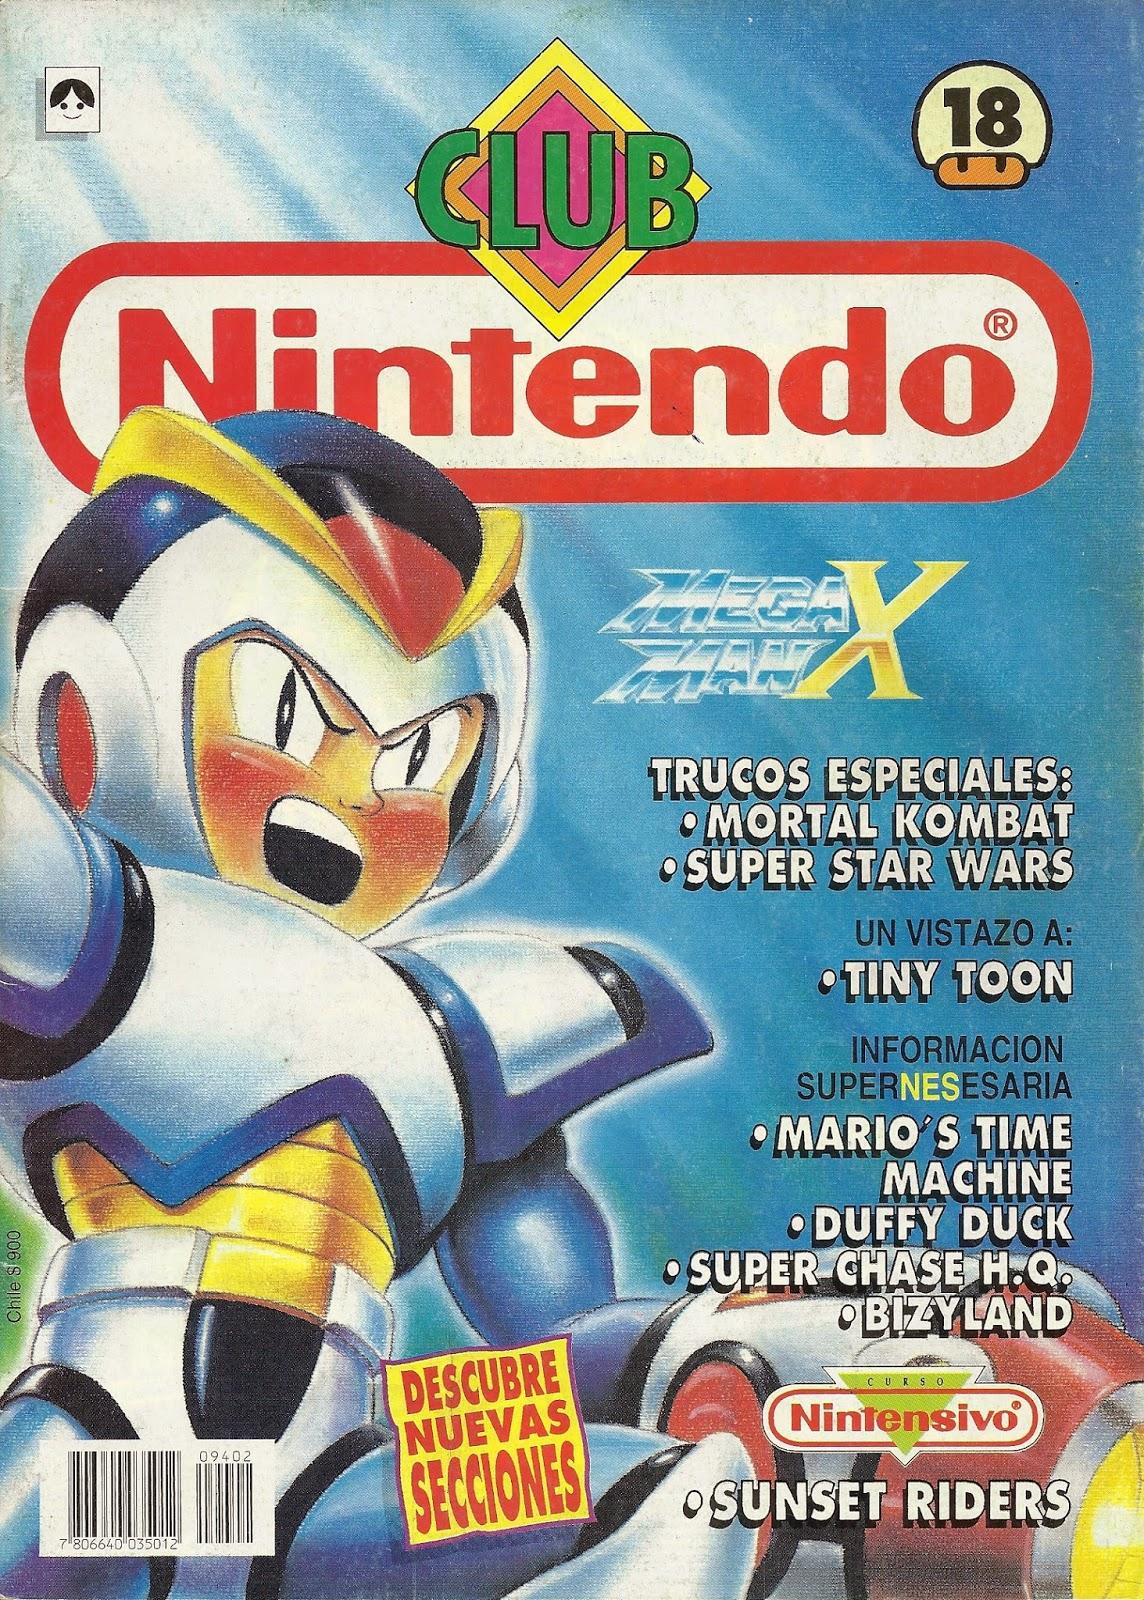 Revista de video juegos club nintendo en espa ol para for Megaman 9 portada